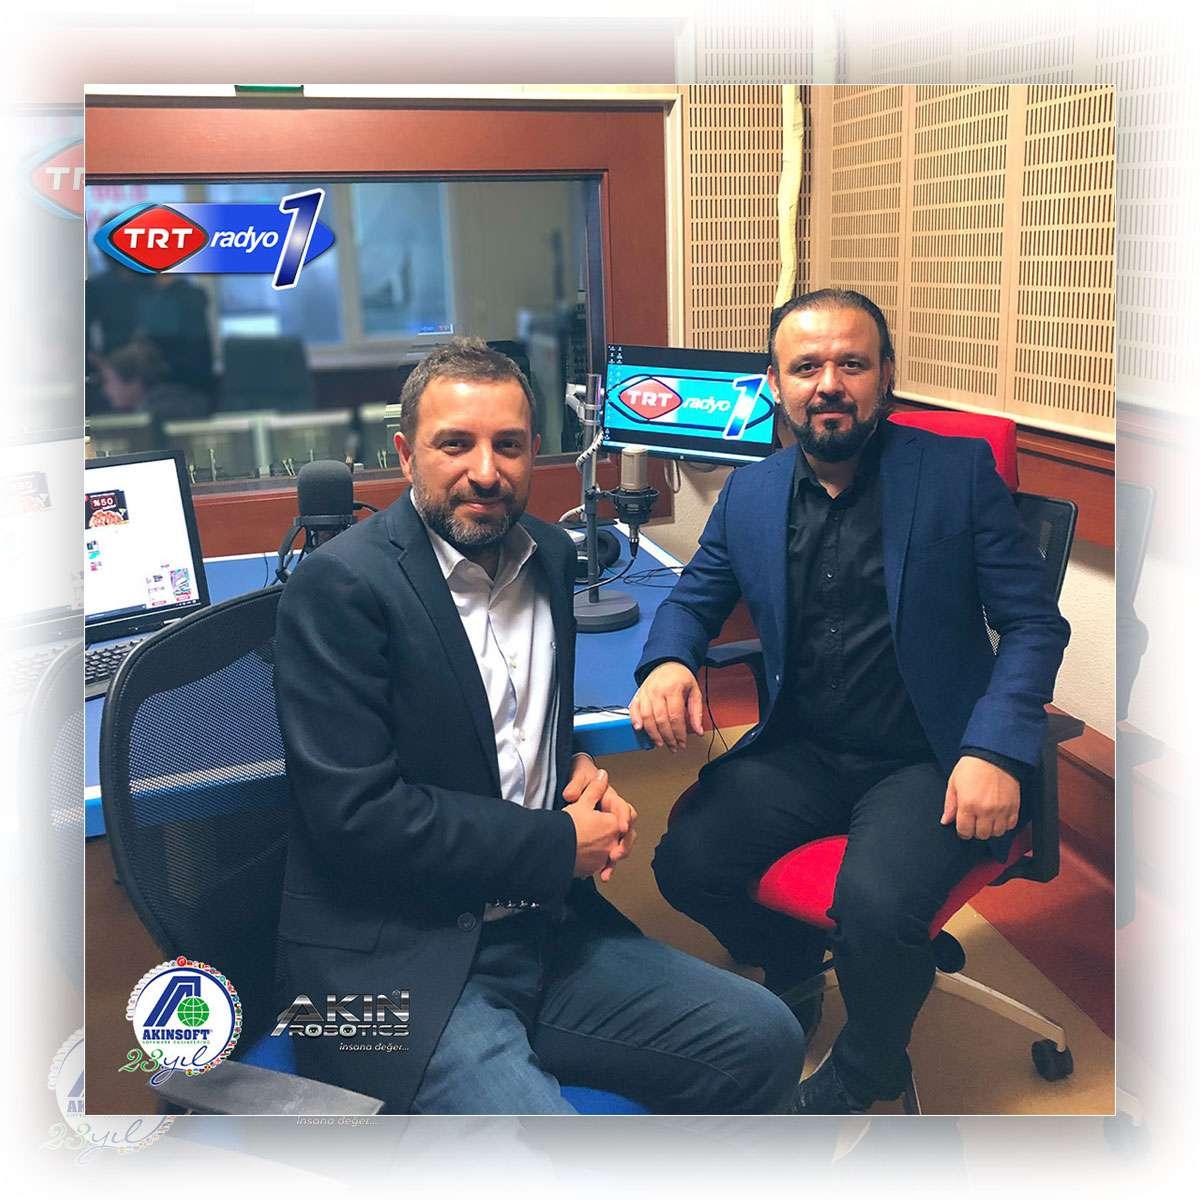 Dr. Özgür AKIN TRT Radyo 1'de Yayınlanan Dijital Hayat Programının Konuğu